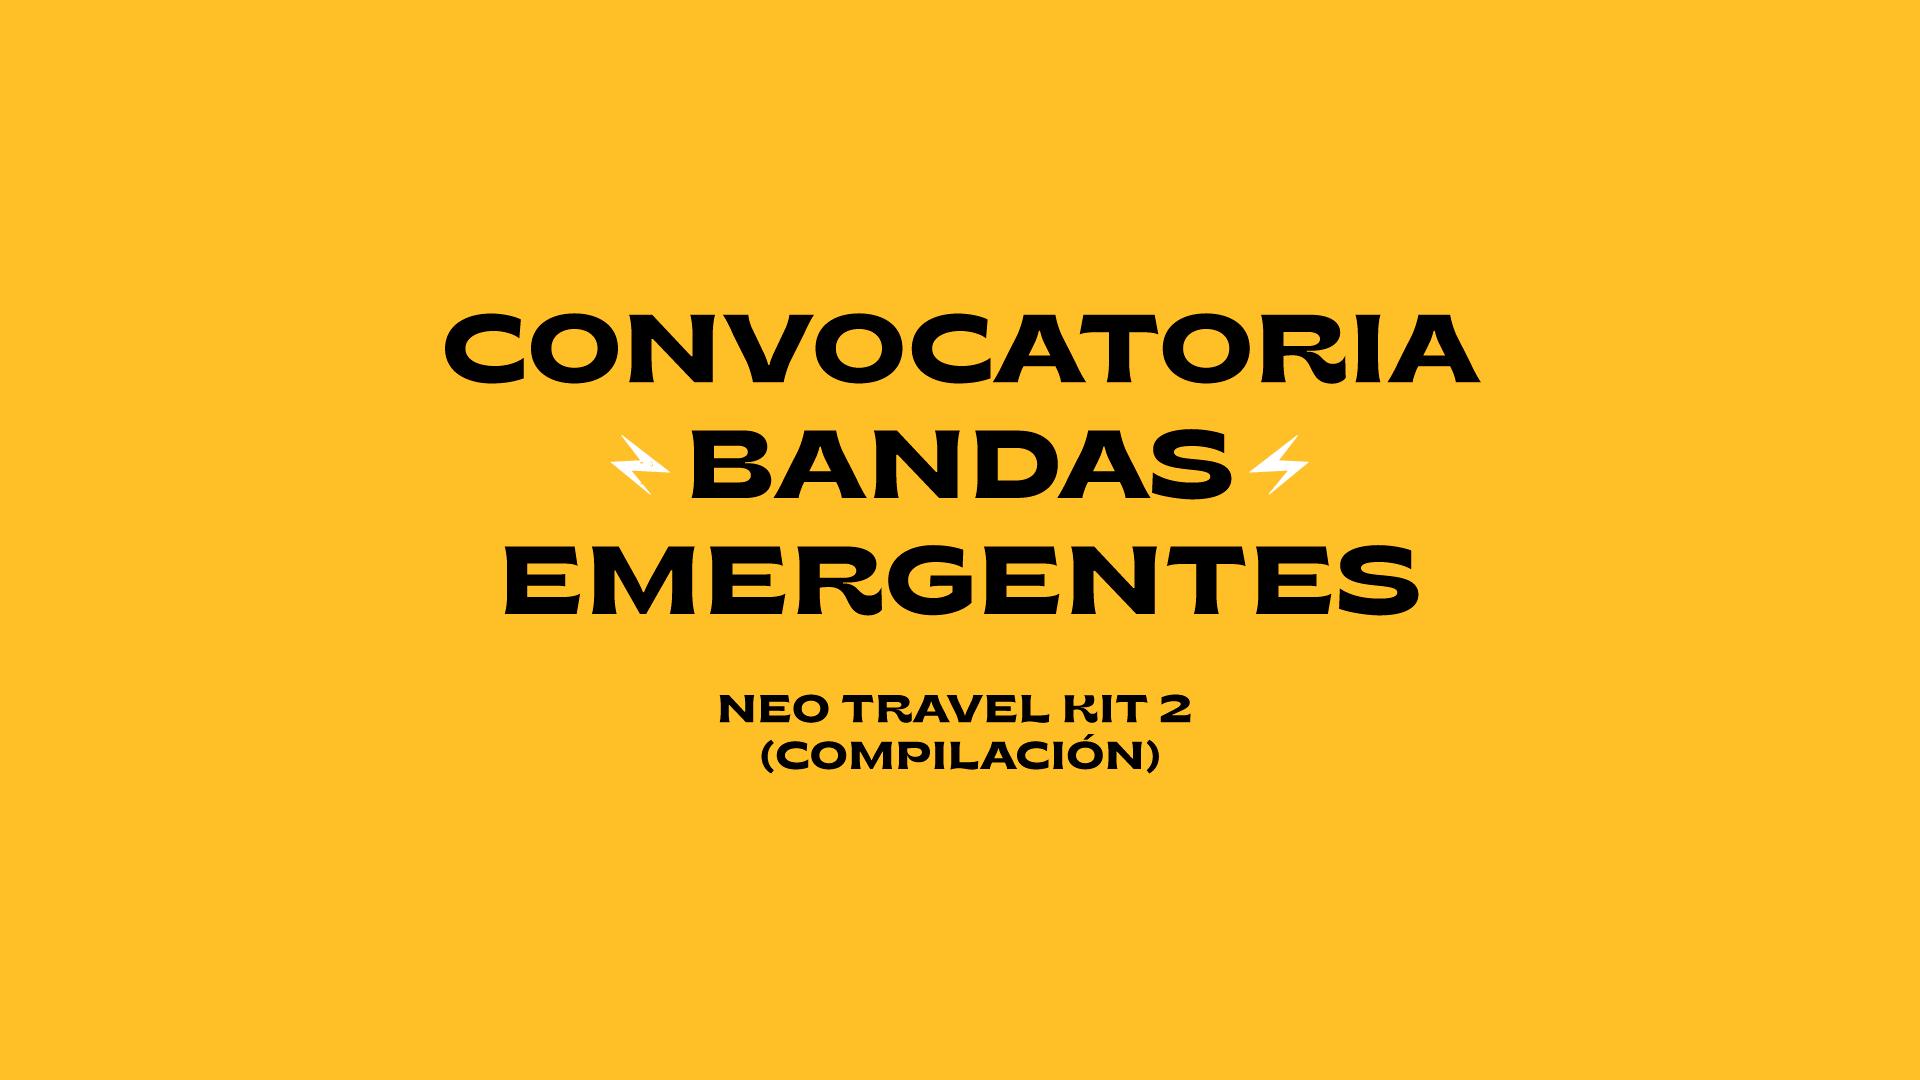 Convocatoria para bandas emergentes - Neo Travel Kit 2 - Directo Macondo